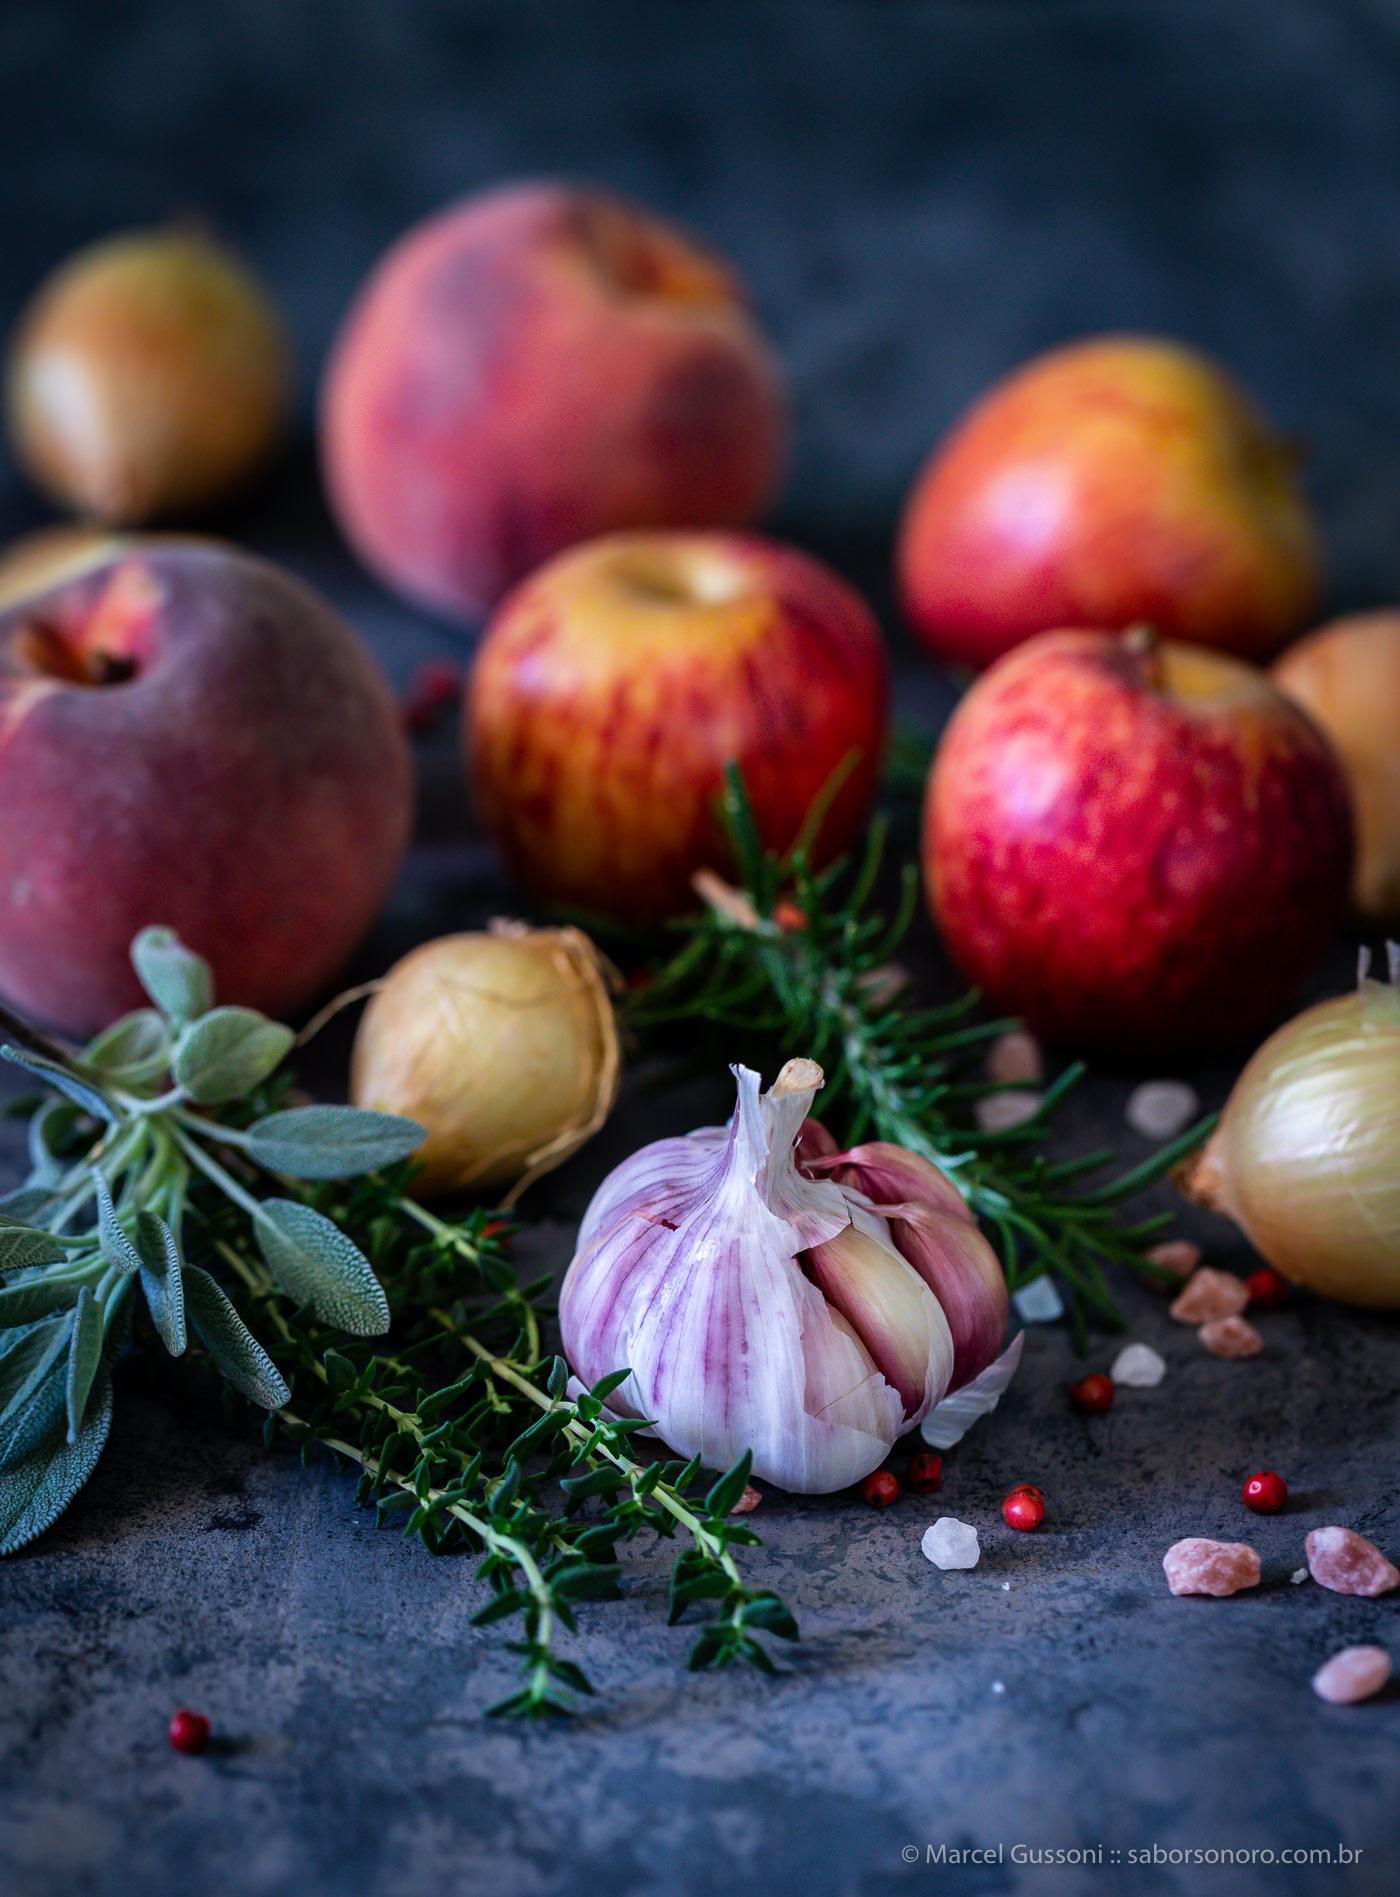 bisteca grelhada com frutas e ervas - receita